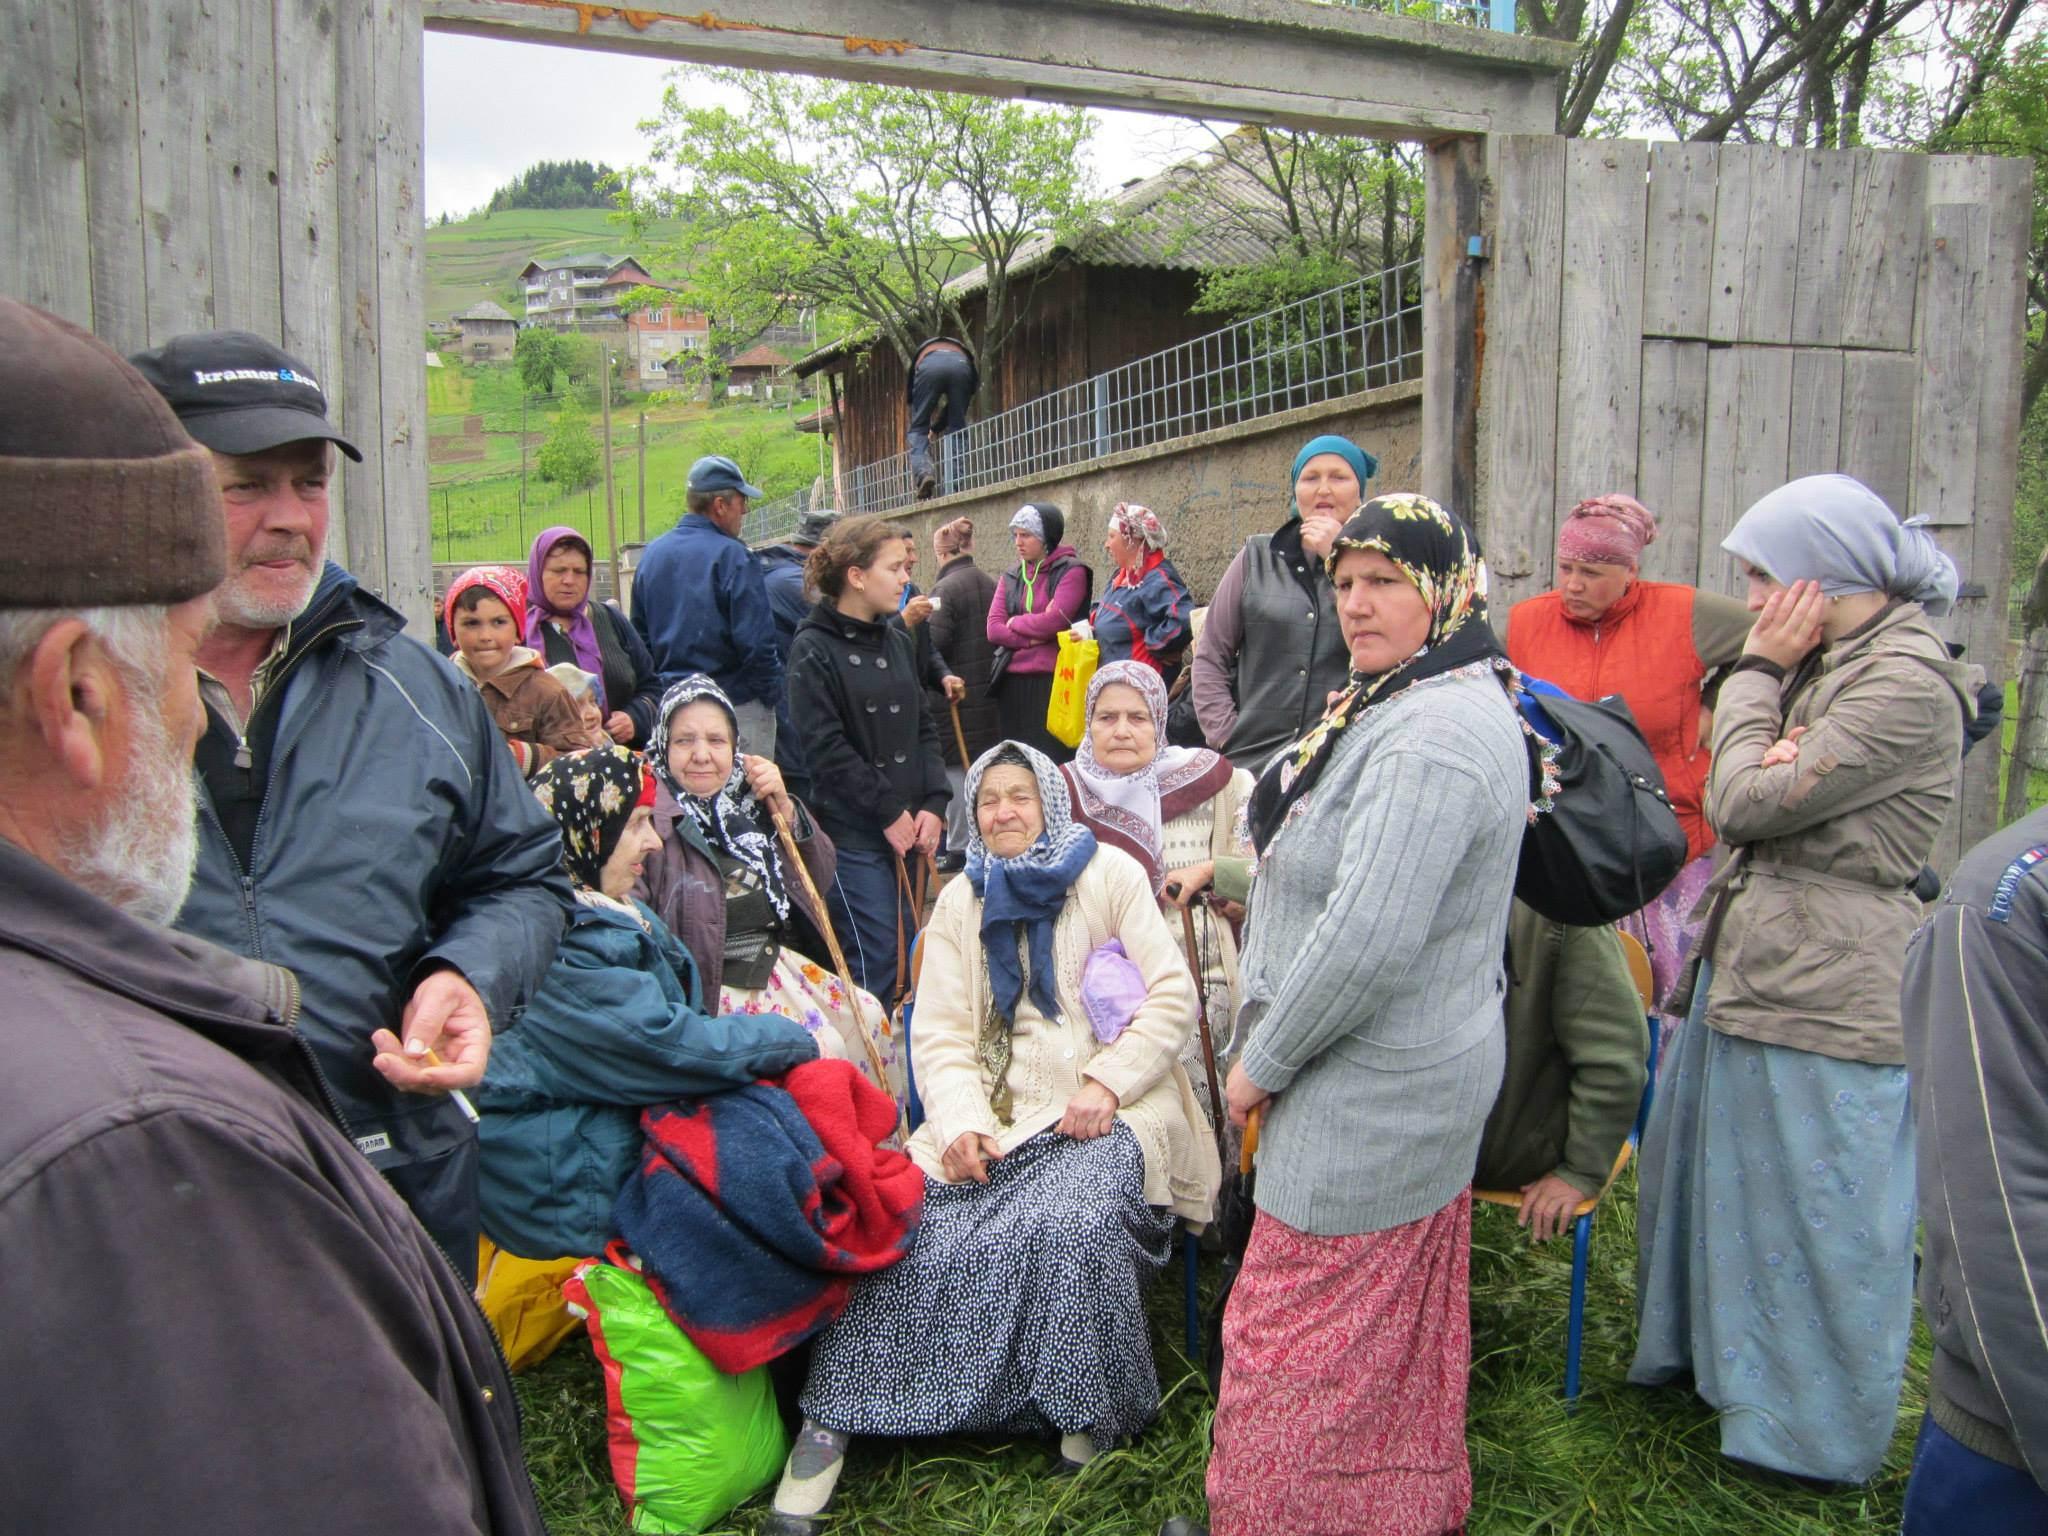 bosnia-flood-relief-serbs-muslims-croats